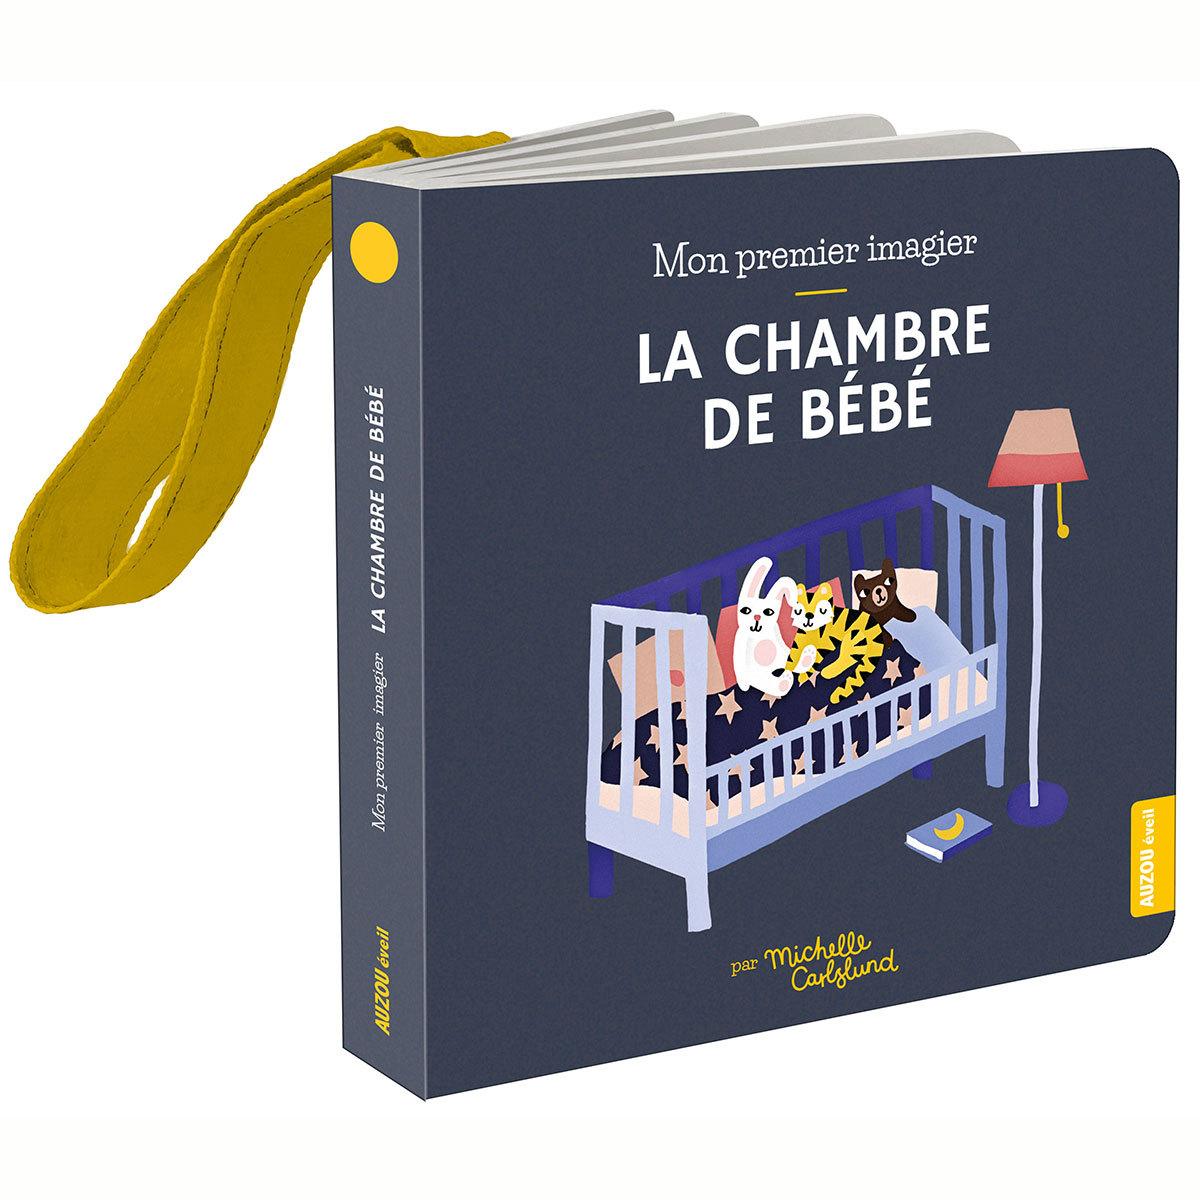 Livre & Carte Mon Premier Imagier Accroche-Poussette - La Chambre de Bébé